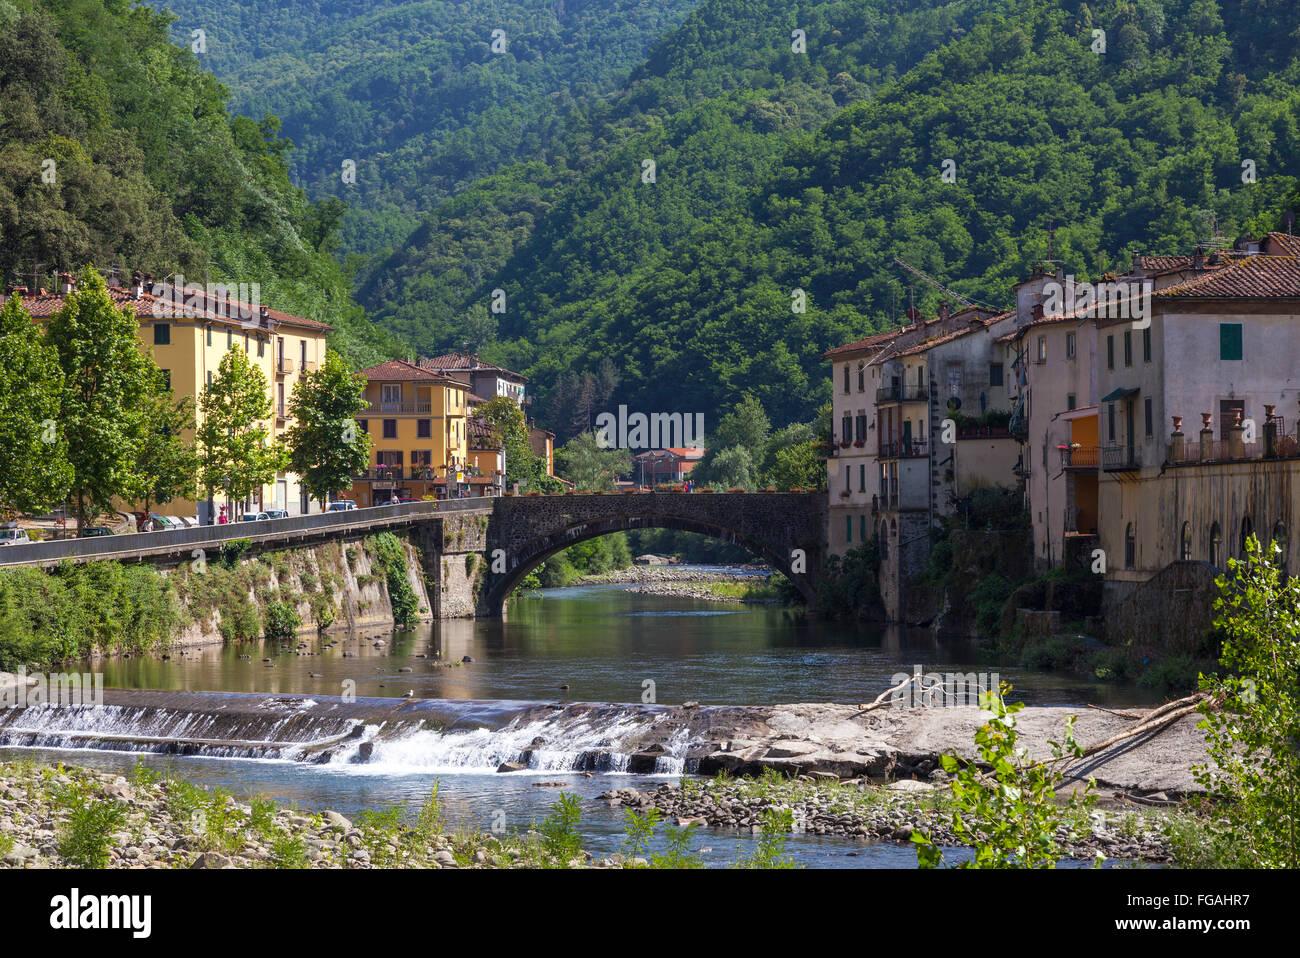 River through bagni di lucca italy stock photo 96119835 - Bagno di lucca ...